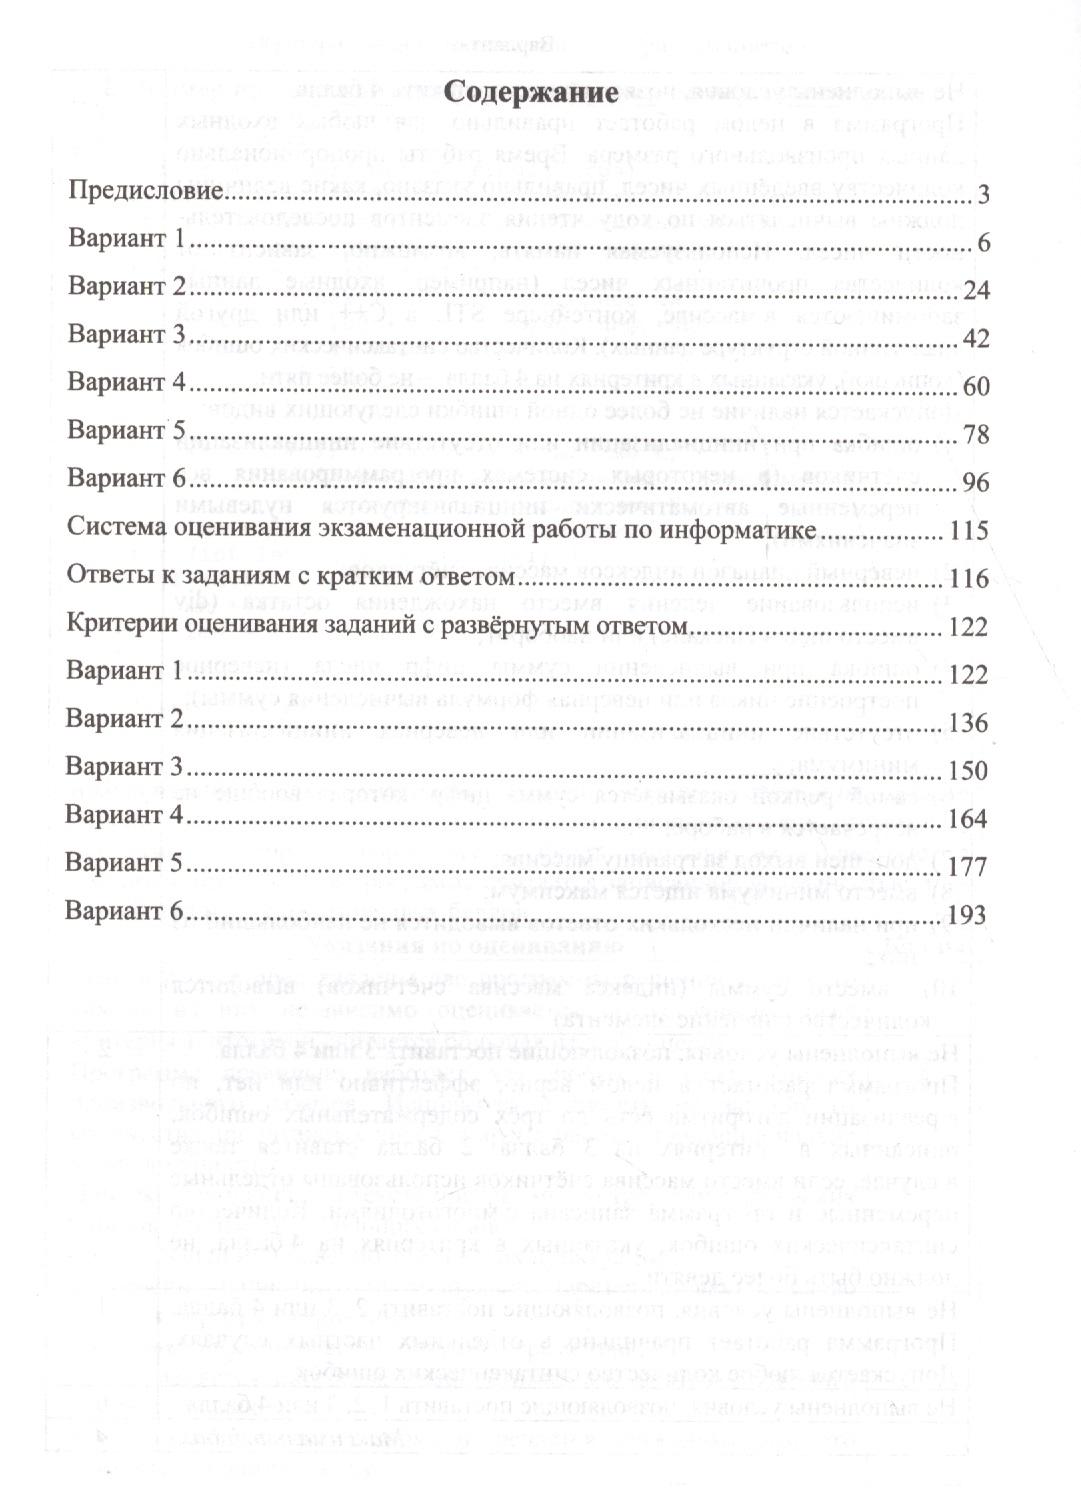 Статград по математике 11 класс 2018-2018 задания